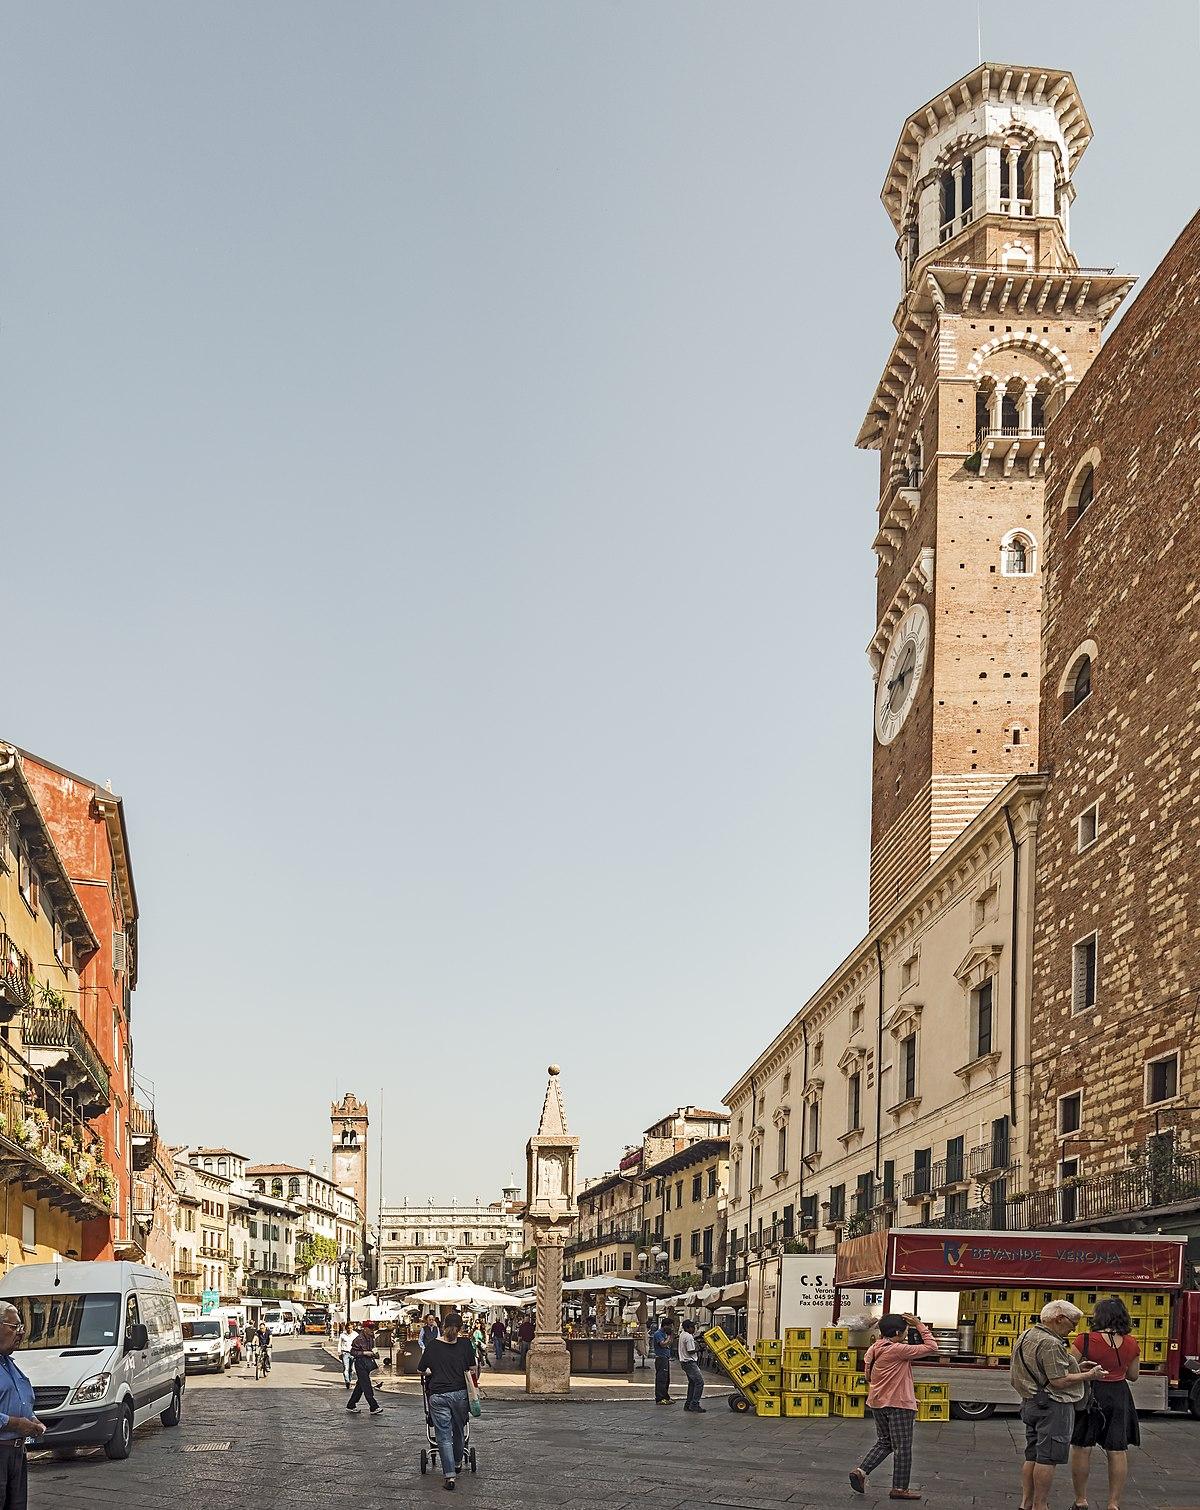 Piazza Delle Erbe Verona Wikipedia